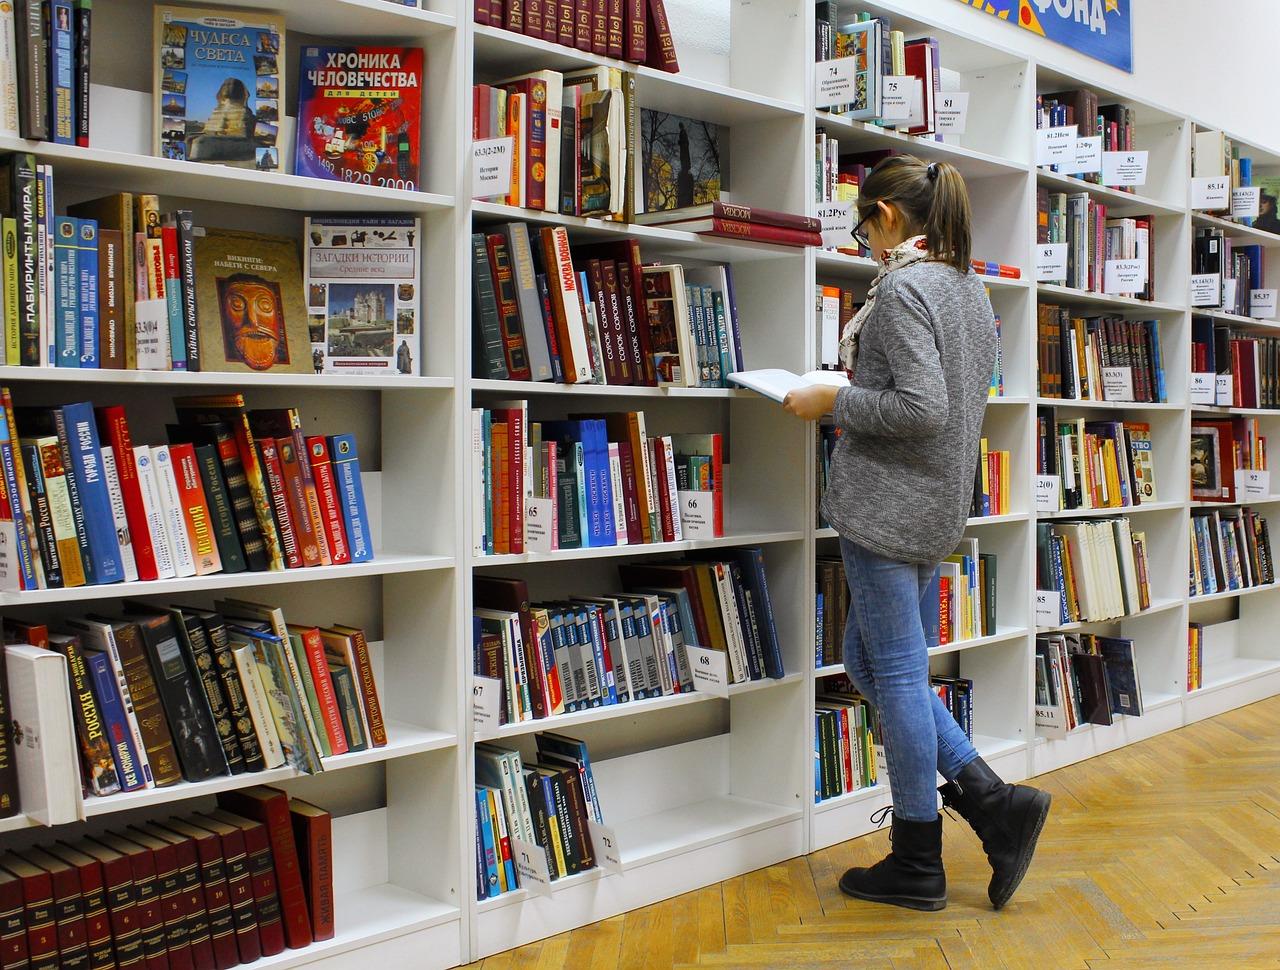 3 indicações bibliográficas relacionada à Geografia